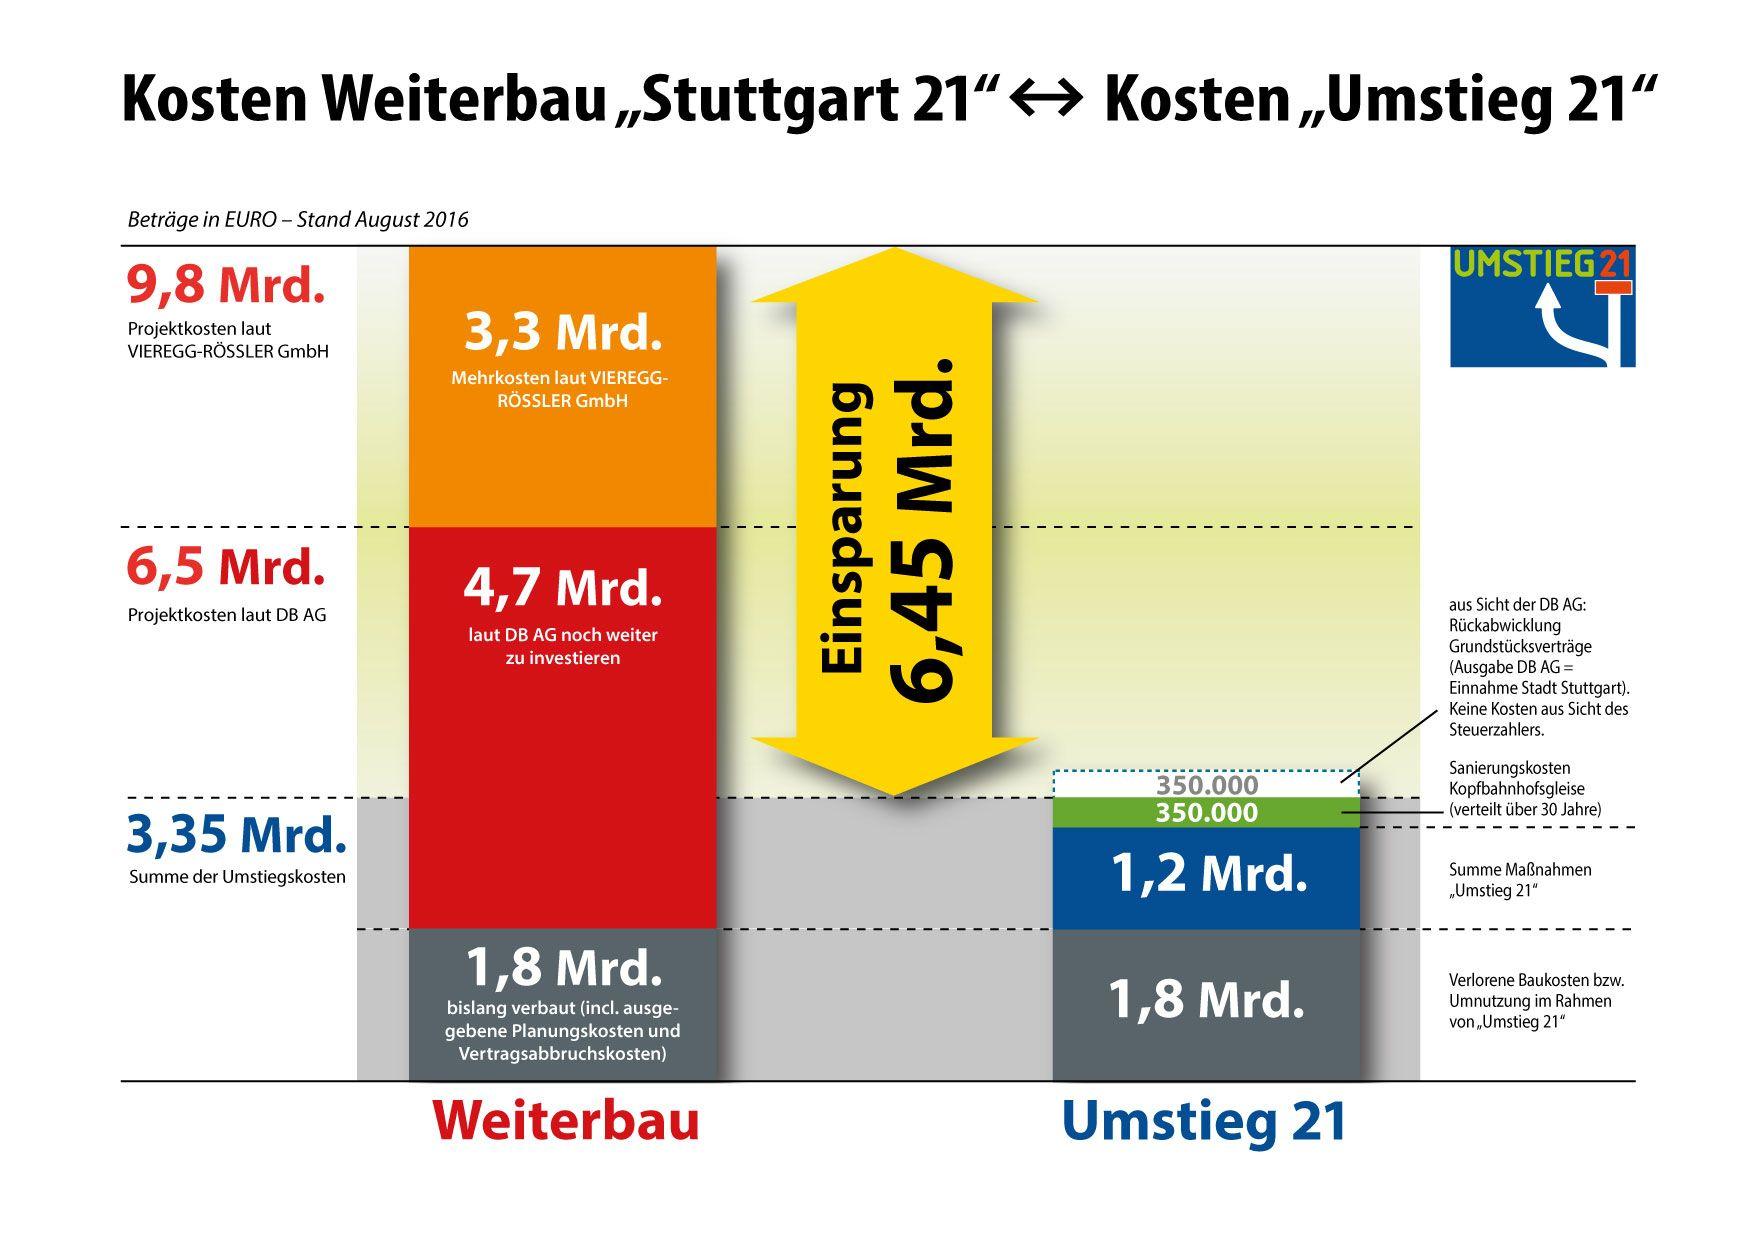 http://www.parkschuetzer.de/assets/termine/2016/PM-10-10/Martin_Viereggs_Kostenvergleich.jpg